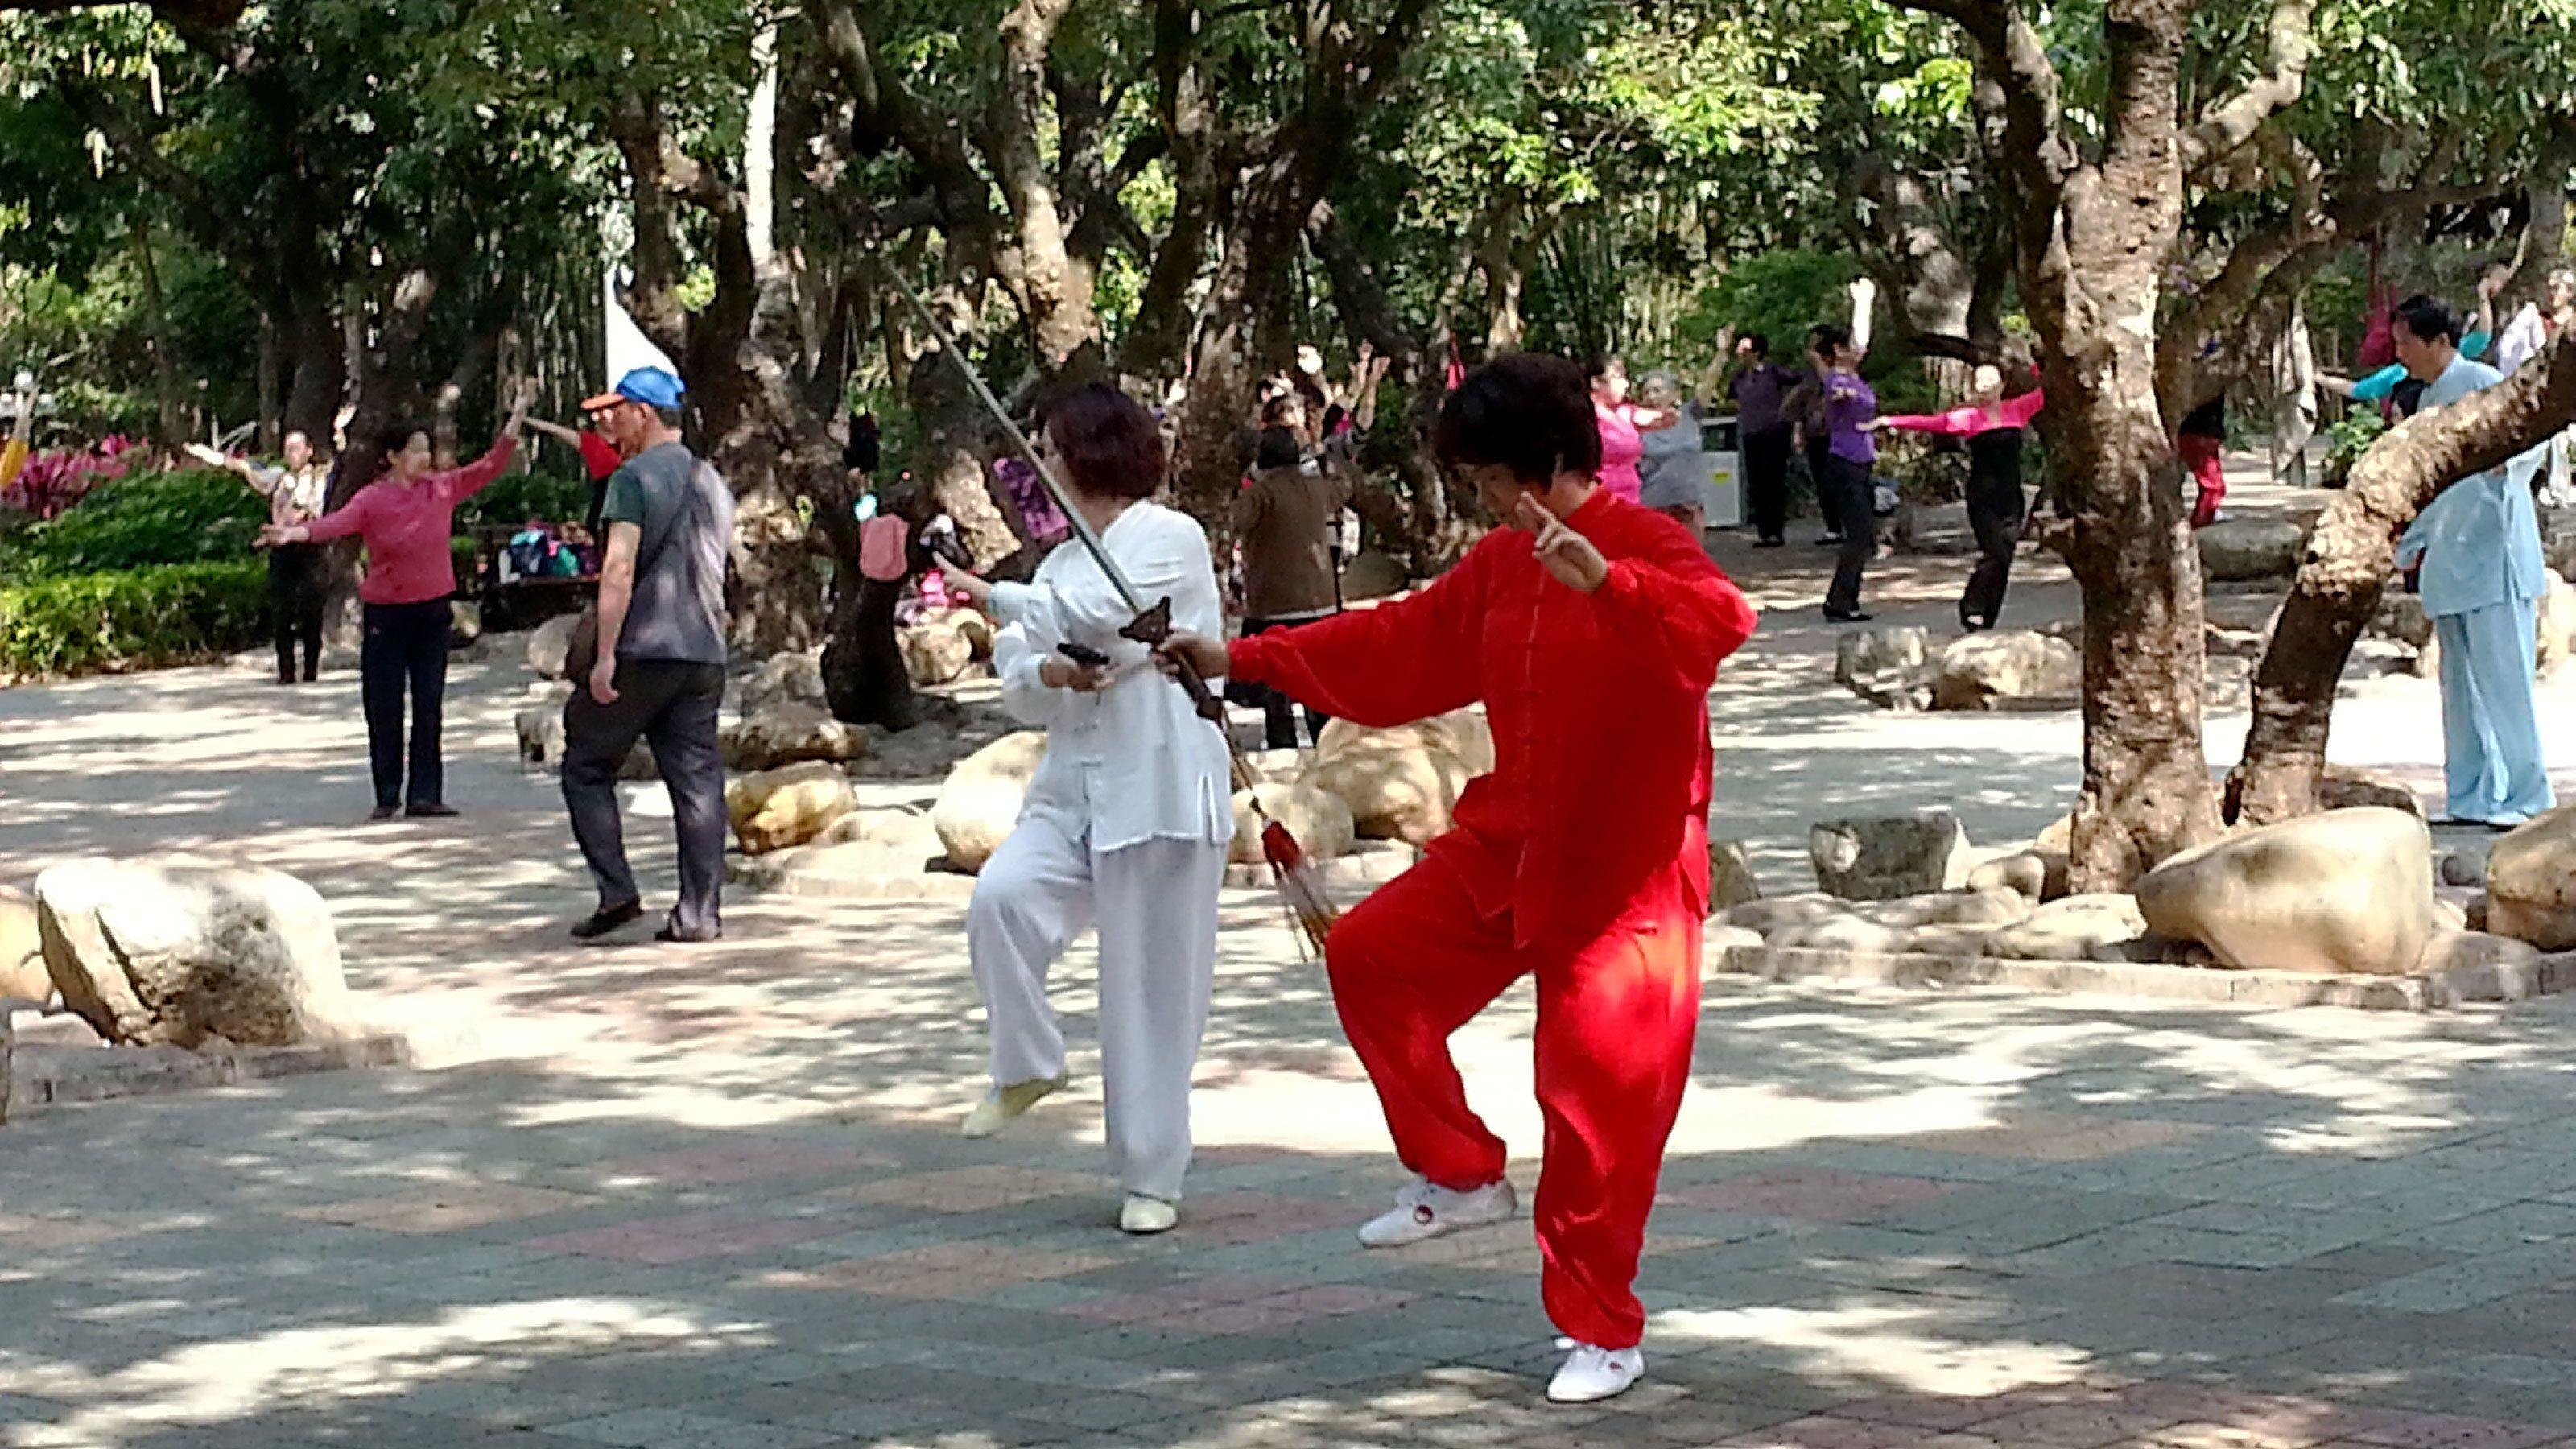 Martial artists at the park in Hong Kong